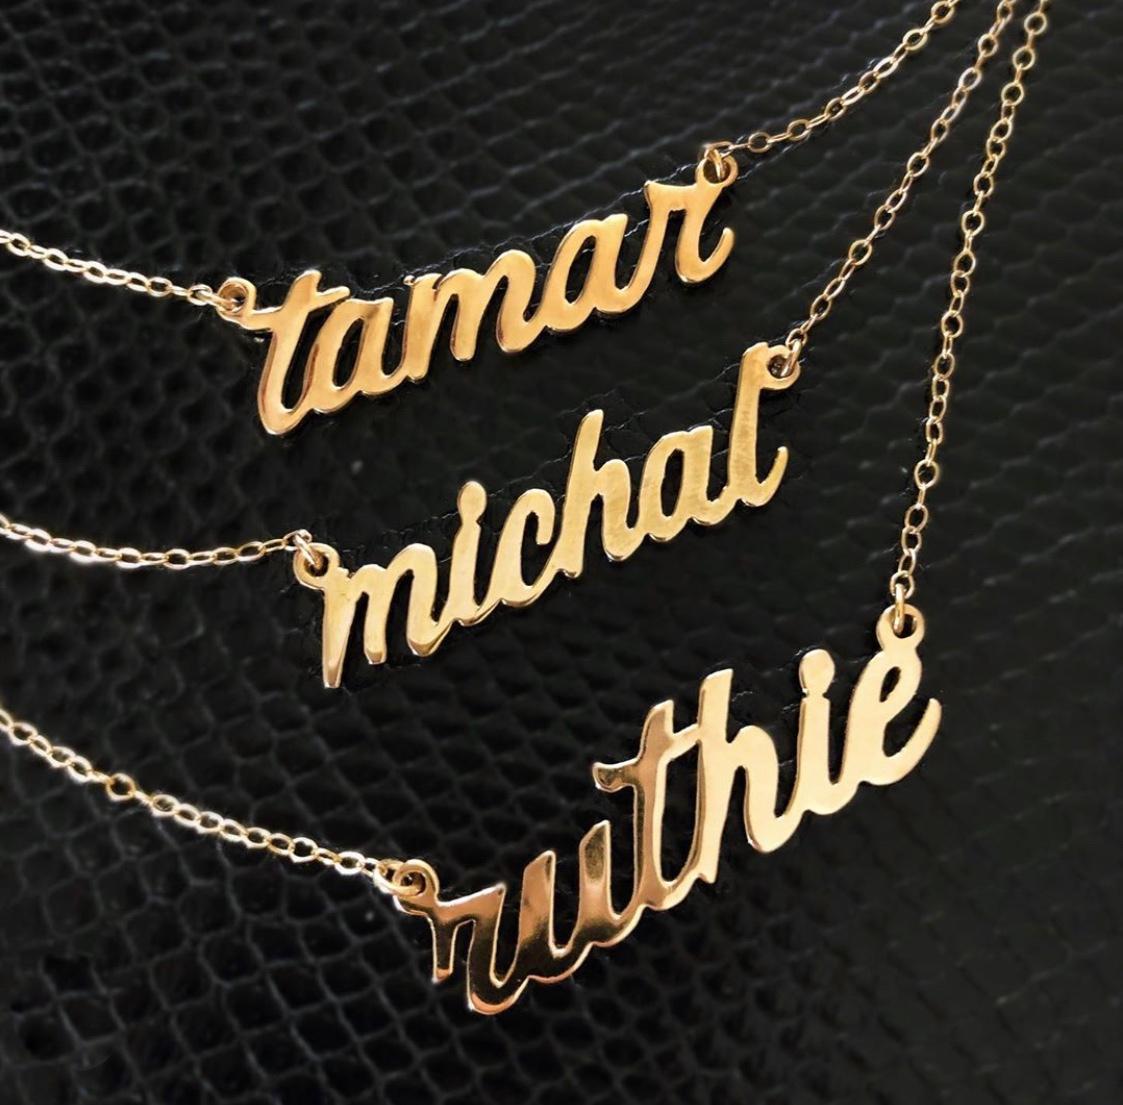 Script Necklaces are a fashion staple!